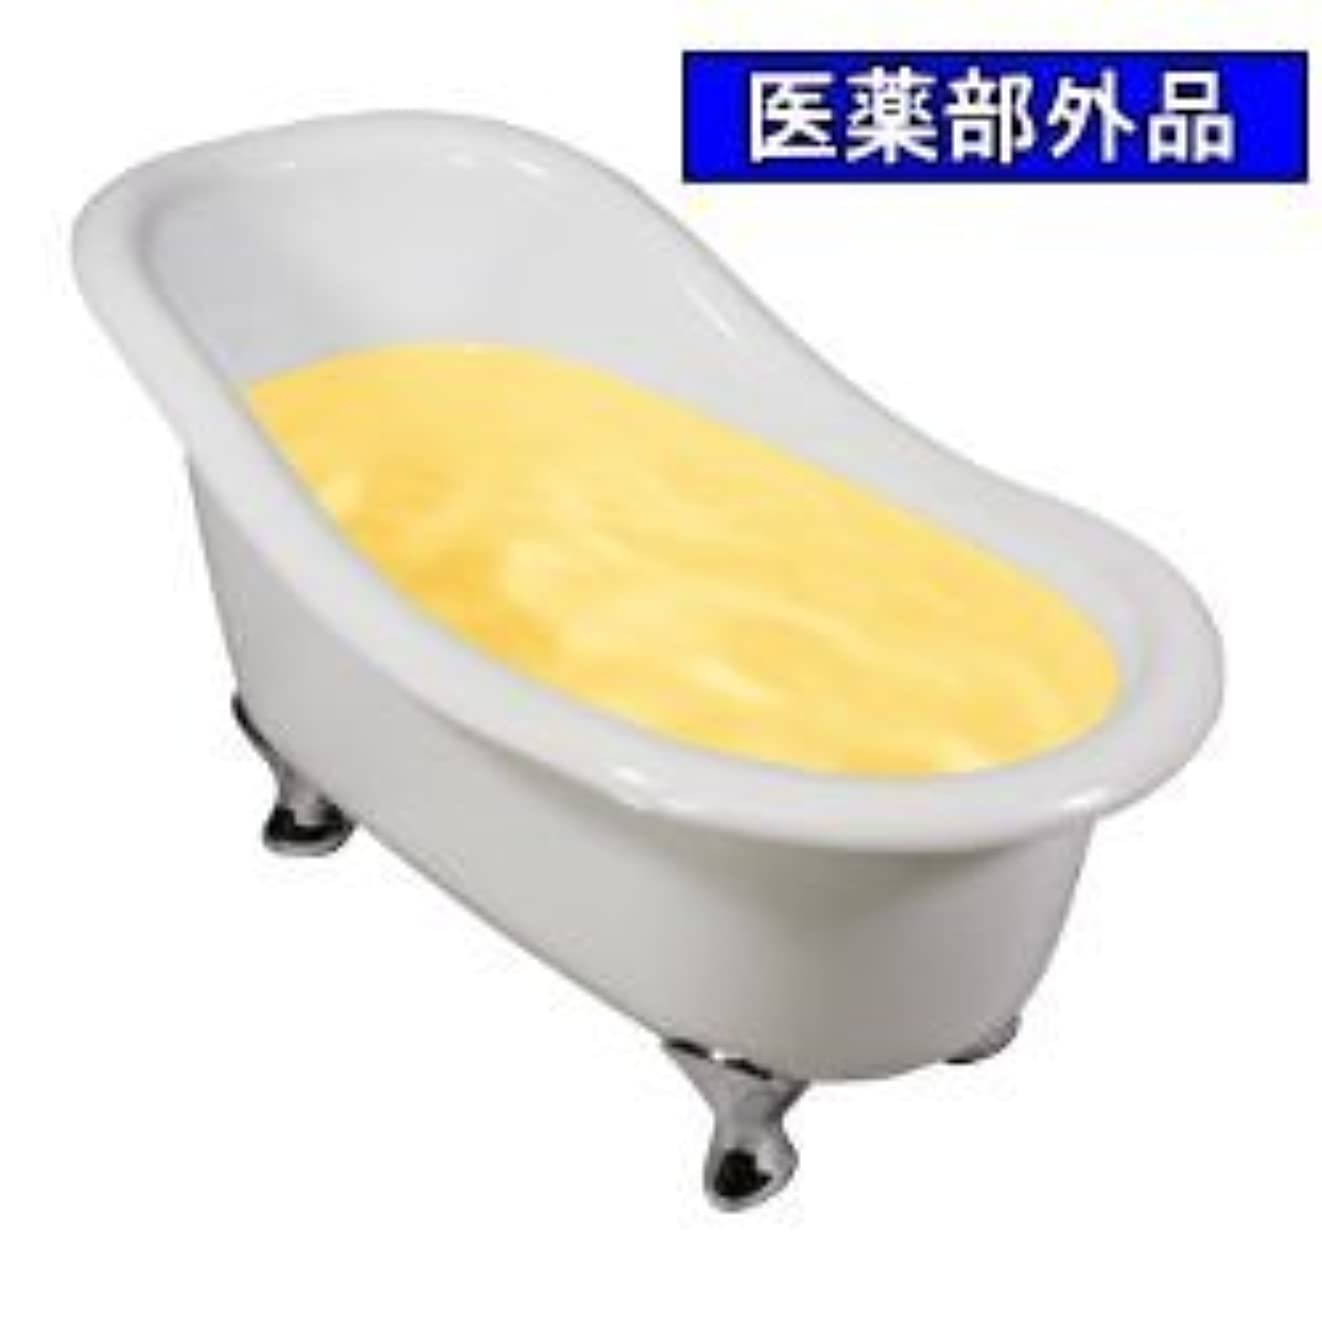 ランドマーク必要とする世界的に業務用薬用入浴剤バスフレンド しょうが 17kg 医薬部外品